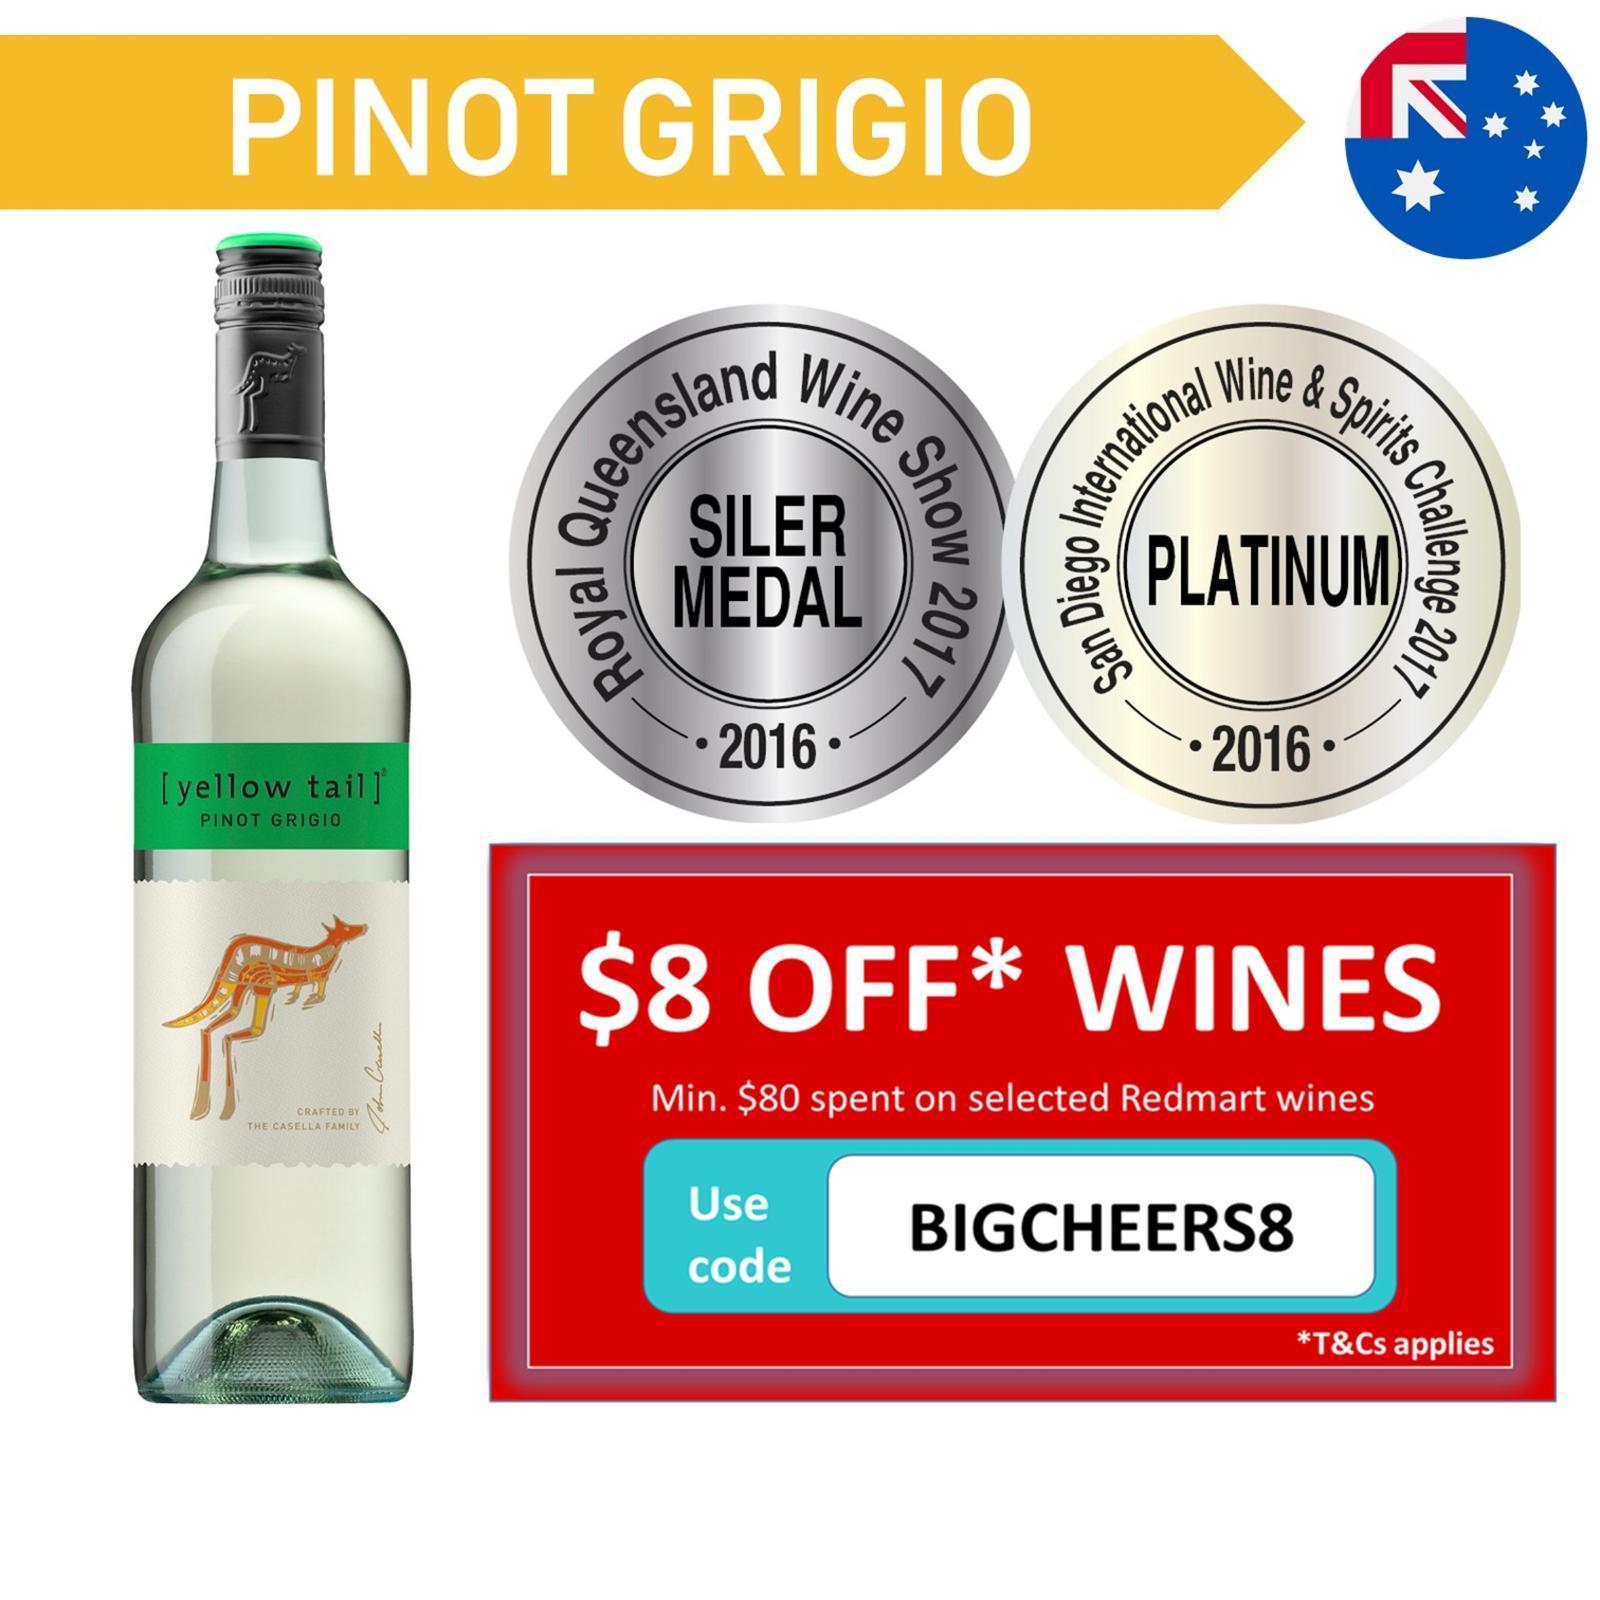 ANTICA VIGNA Pinot Grigio